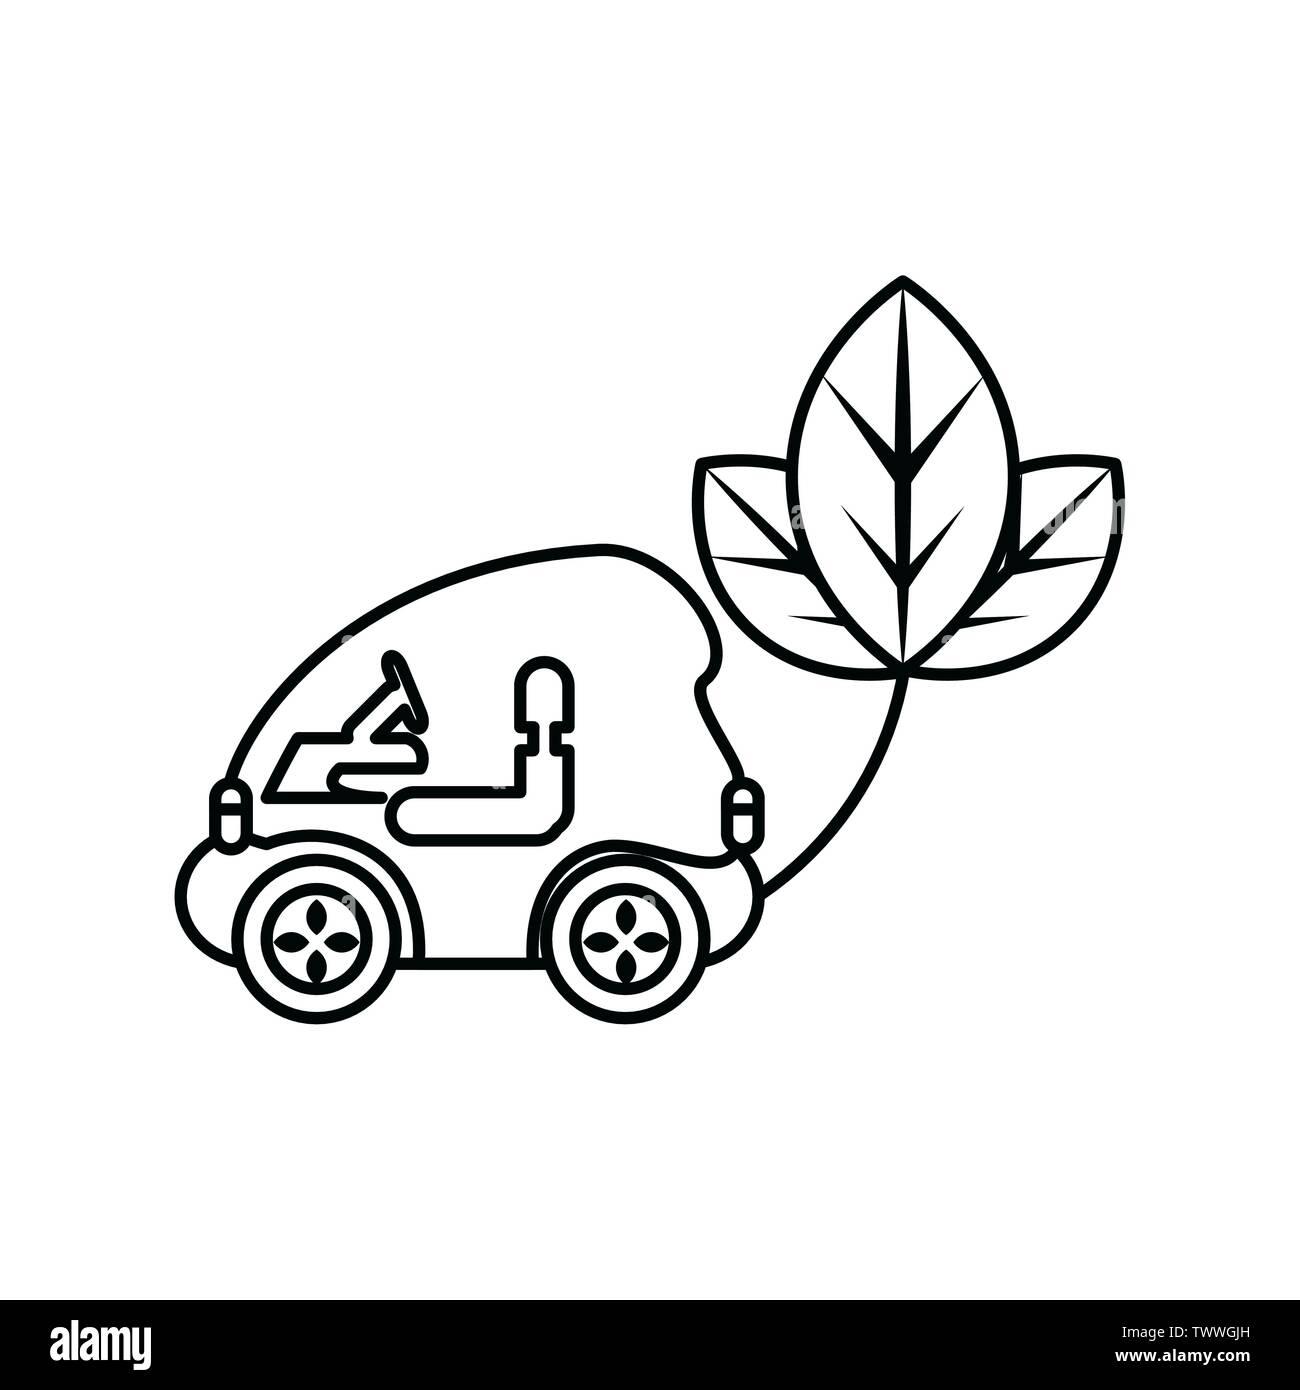 Les feuilles et en voiture, l'éco conception ville sauver la planète penser vert et de recyclage thème Vector illustration Photo Stock